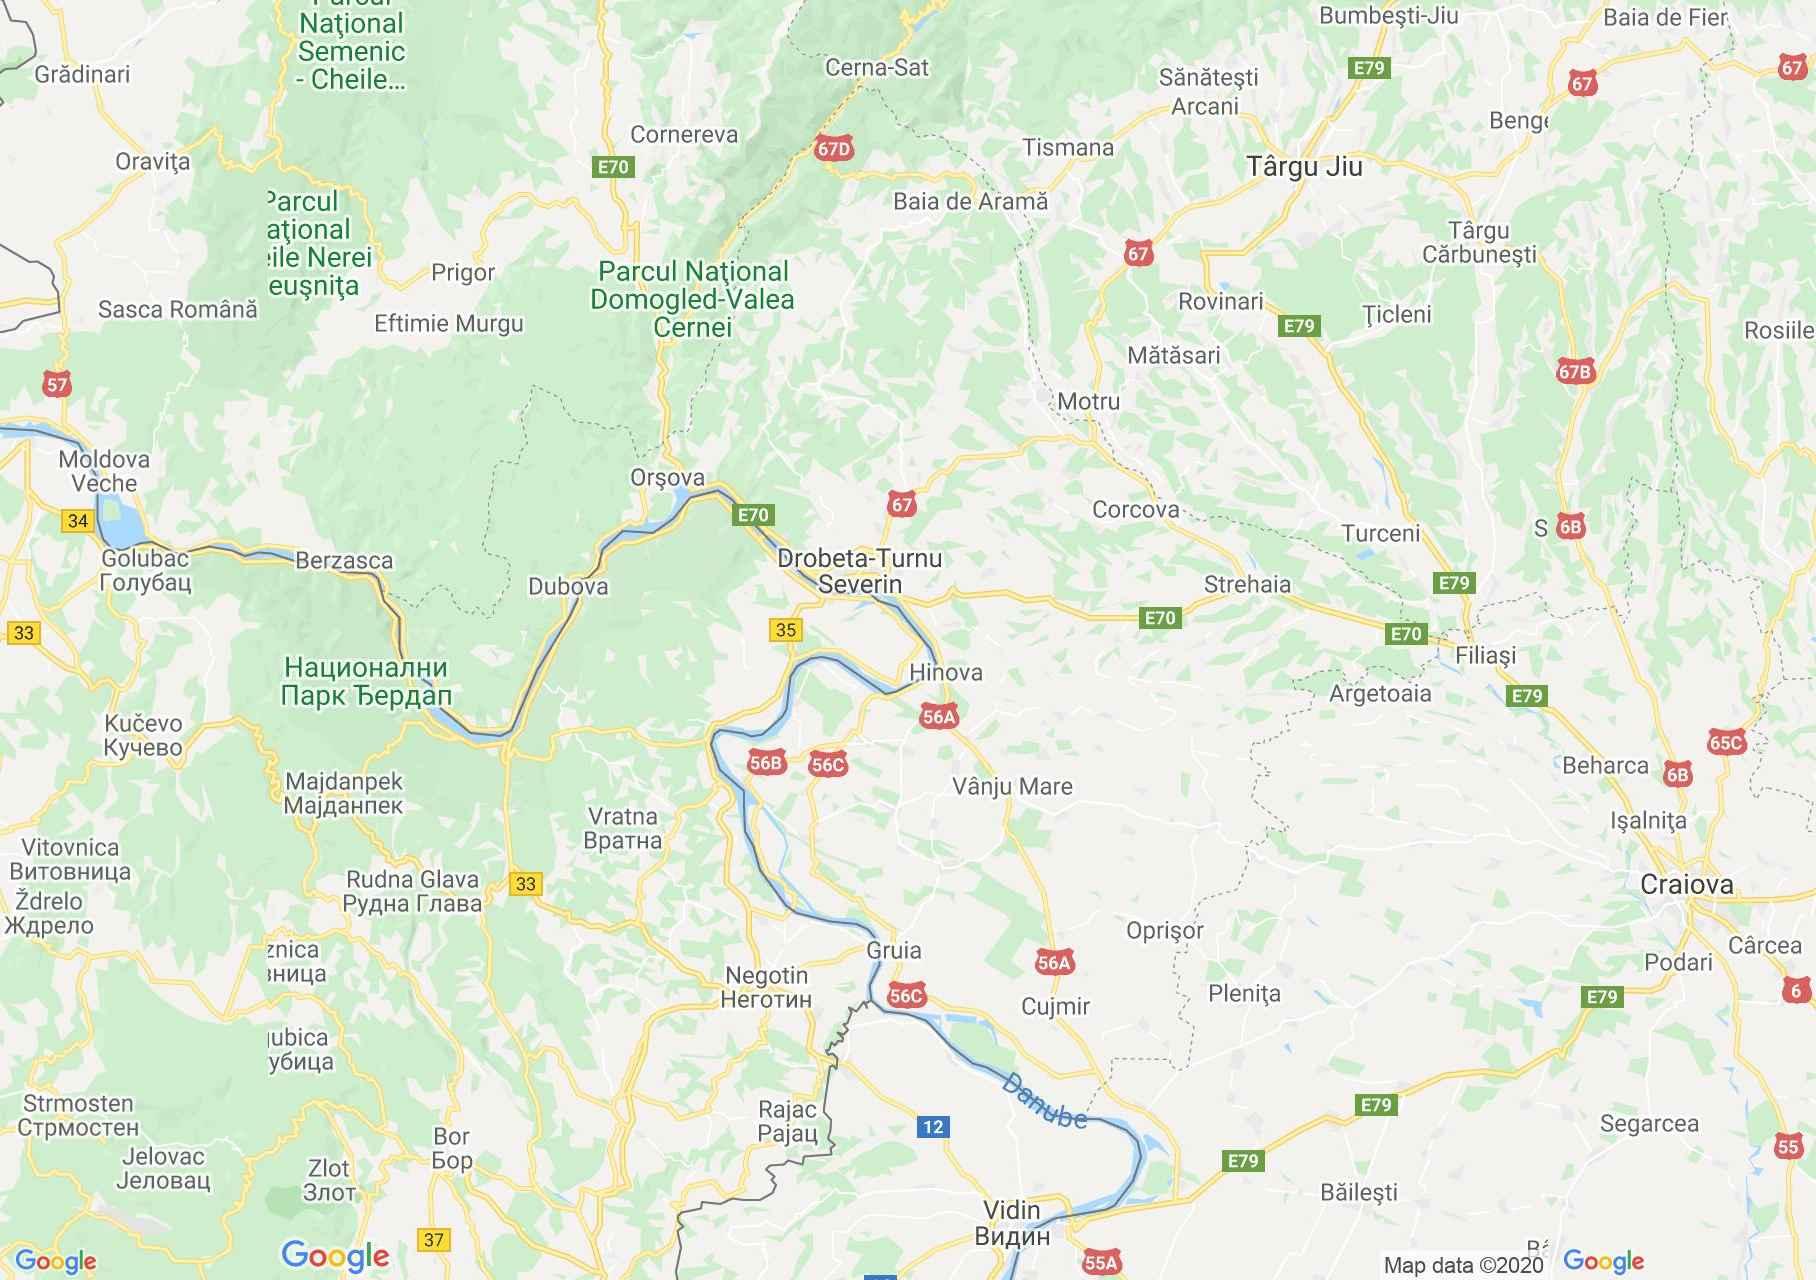 Mehedinc megye: (Turnu Szeverin) interaktív turista térképe.